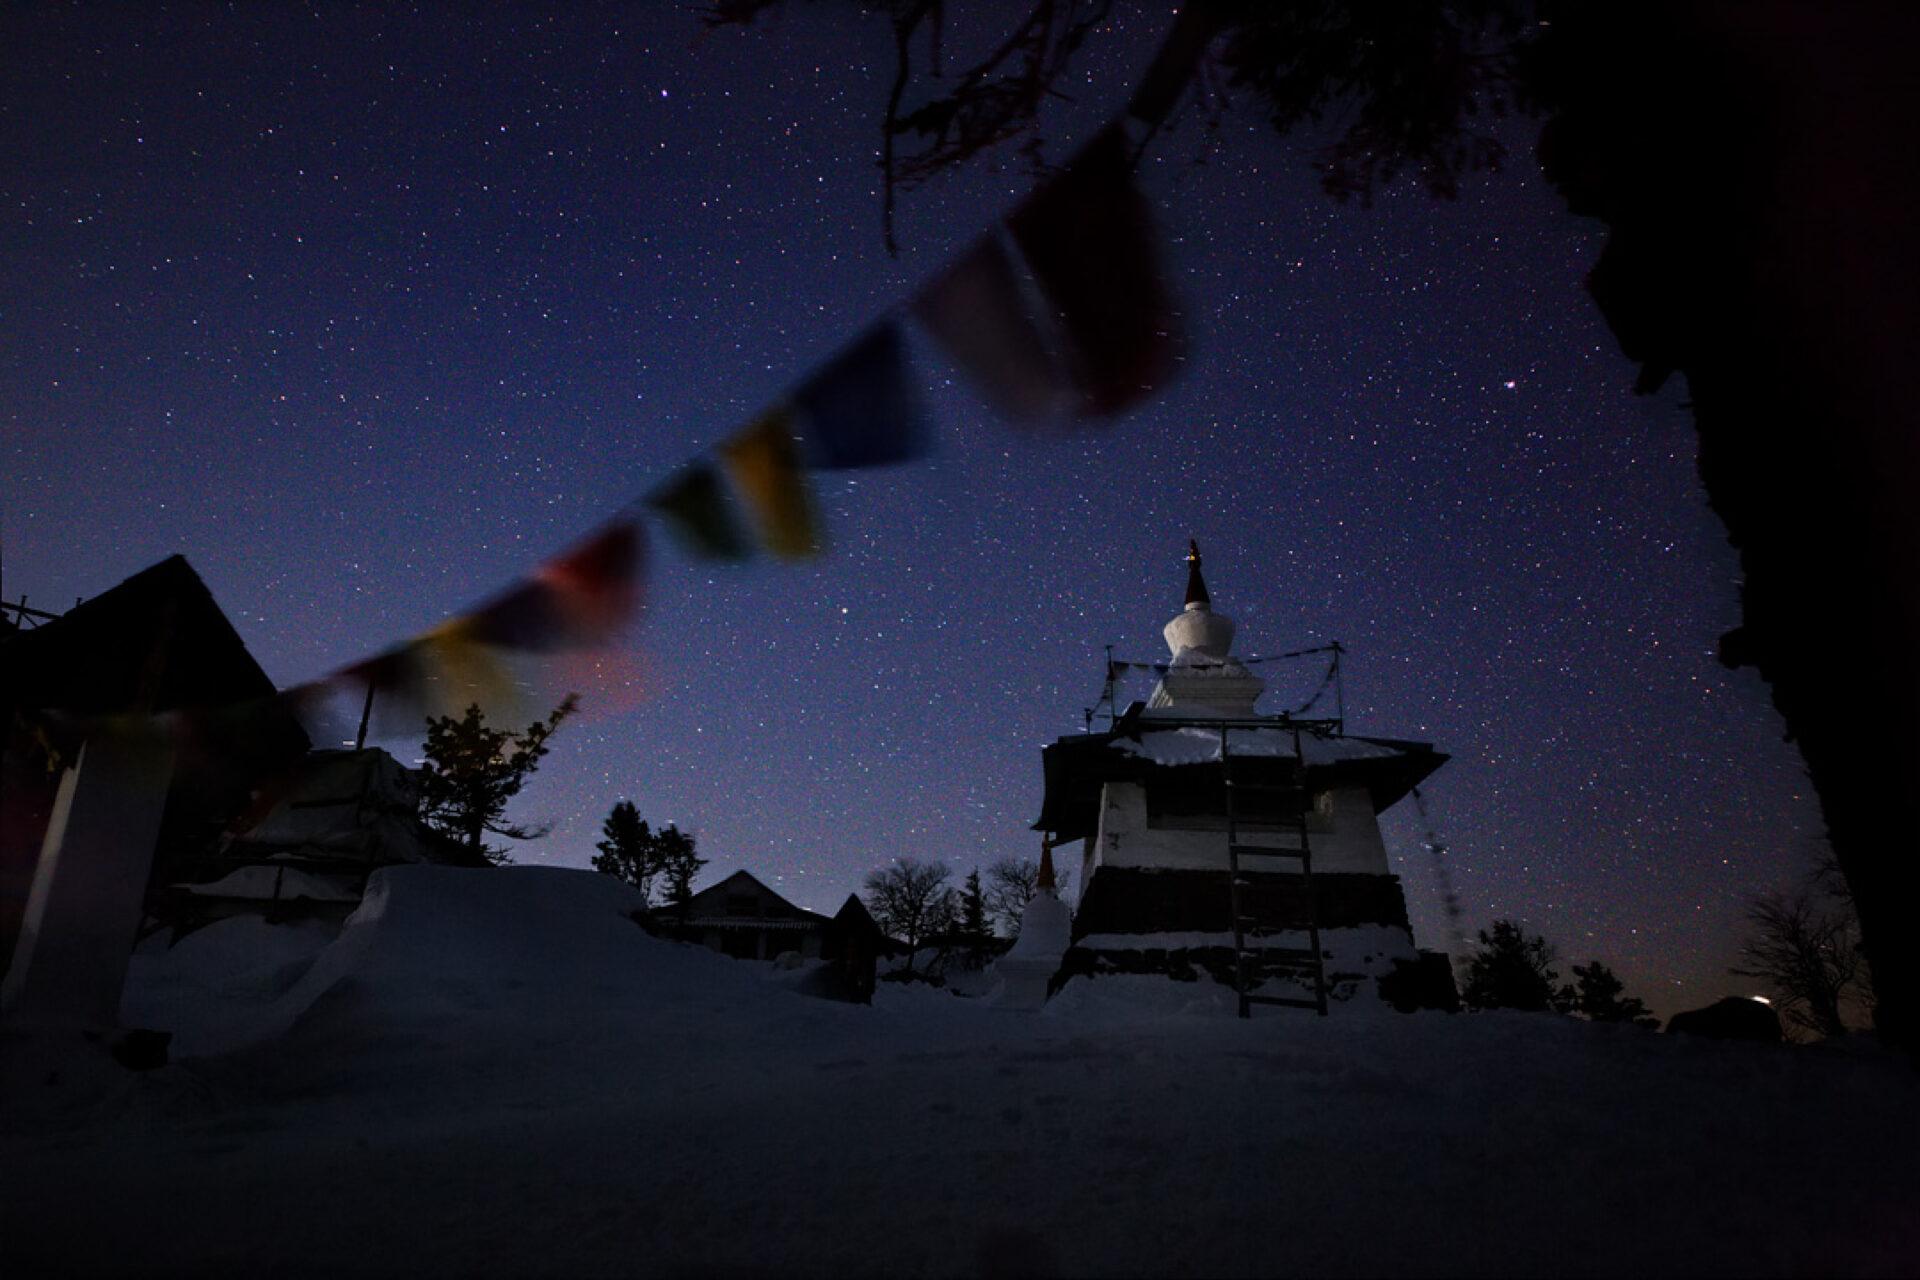 Качканар: Шедруб Линг